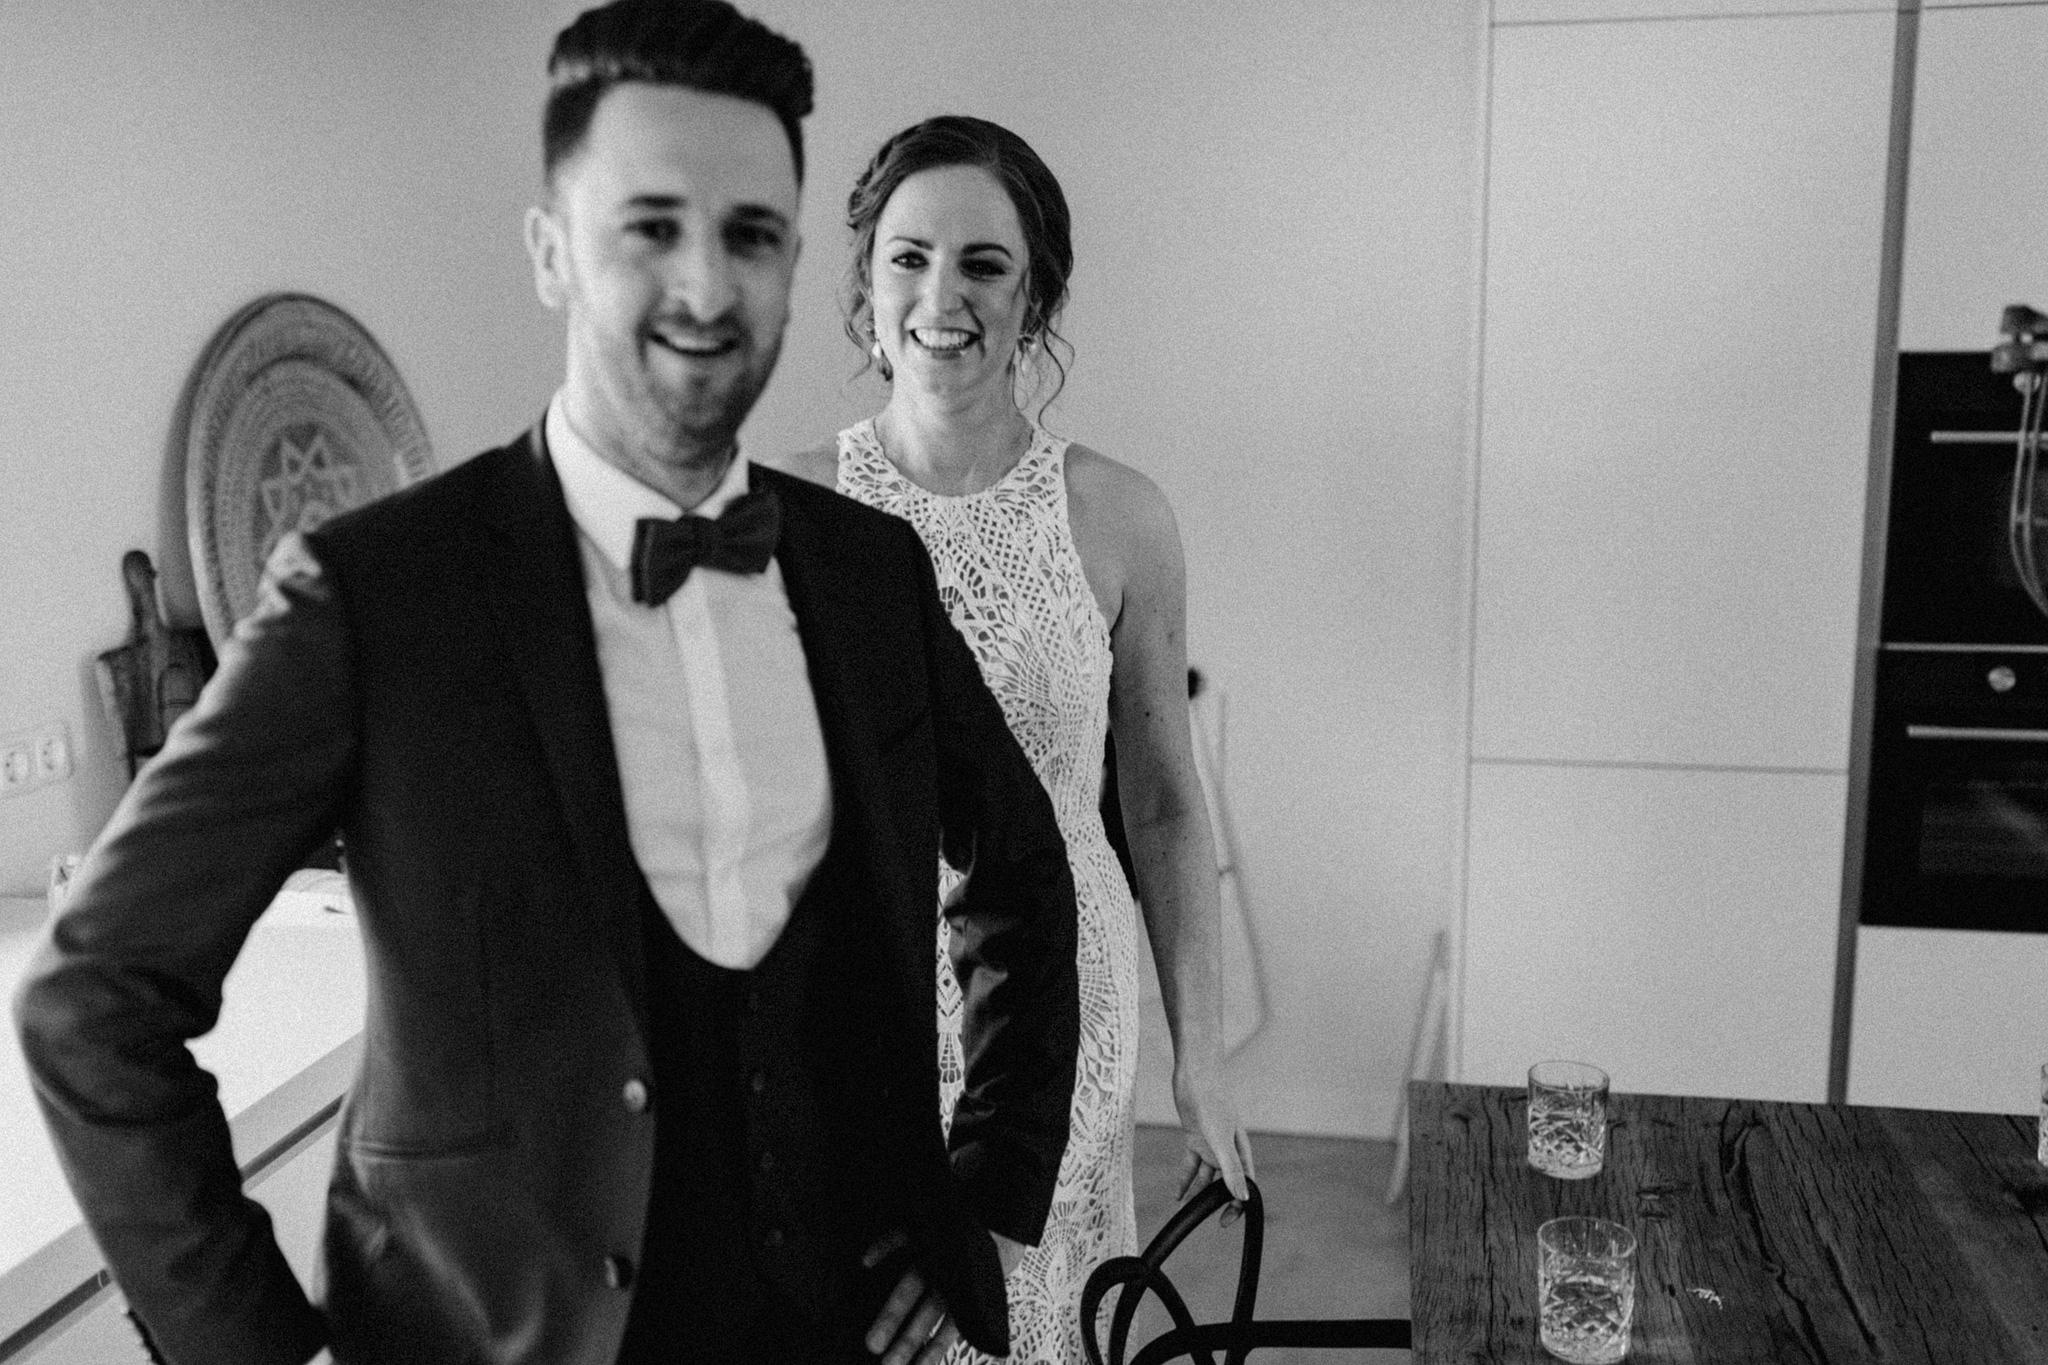 Bruid en bruidegom kijkend naar de camera